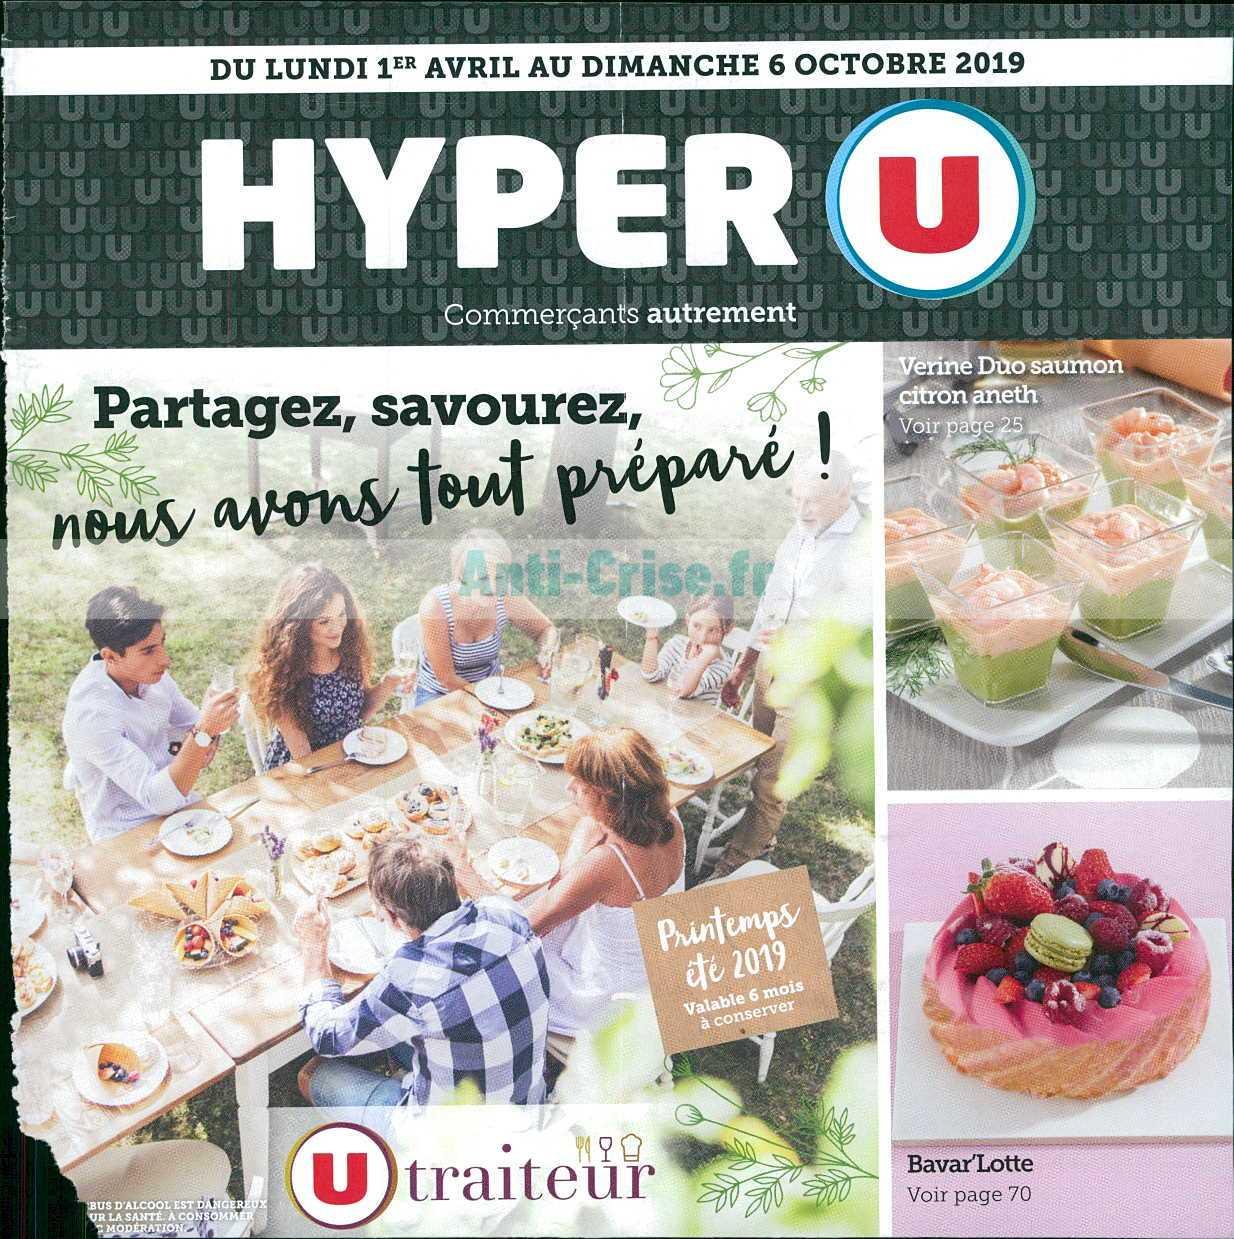 Catalogue Hyper U Du 01 Avril Au 06 Octobre 2019 Traiteur Catalogues Promos Bons Plans Economisez Anti Crise Fr